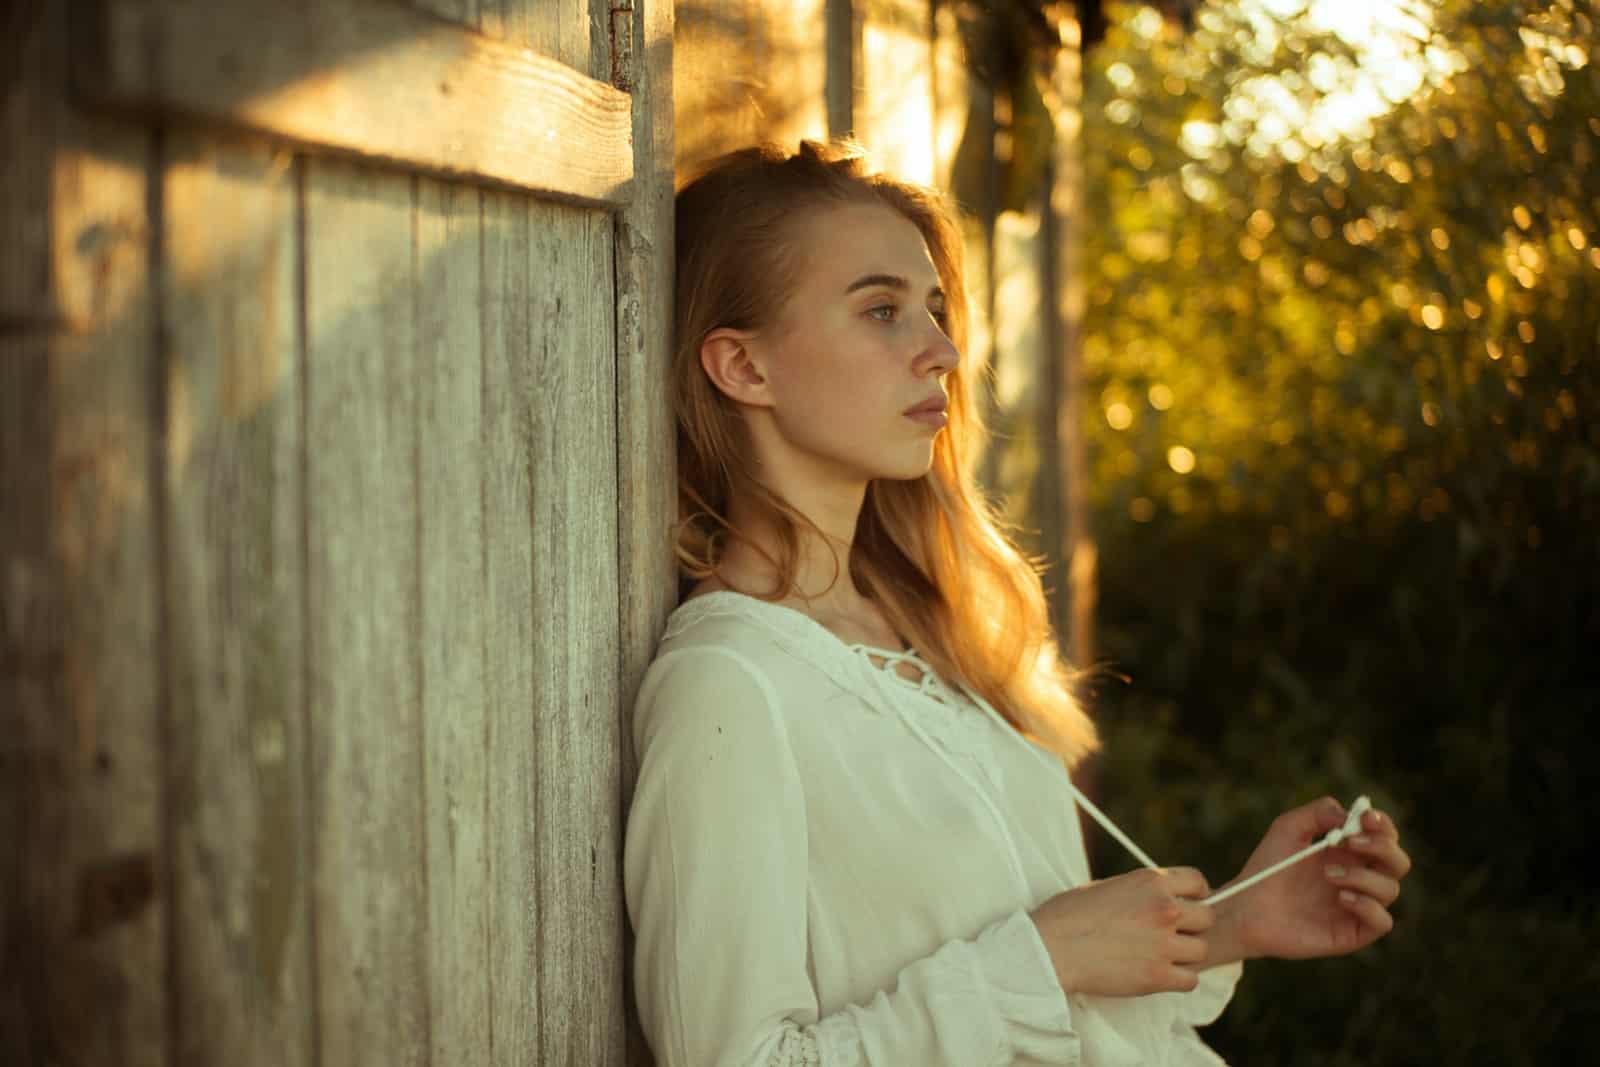 traurige Frau, die sich auf die Holzwand stützt, während sie draußen steht